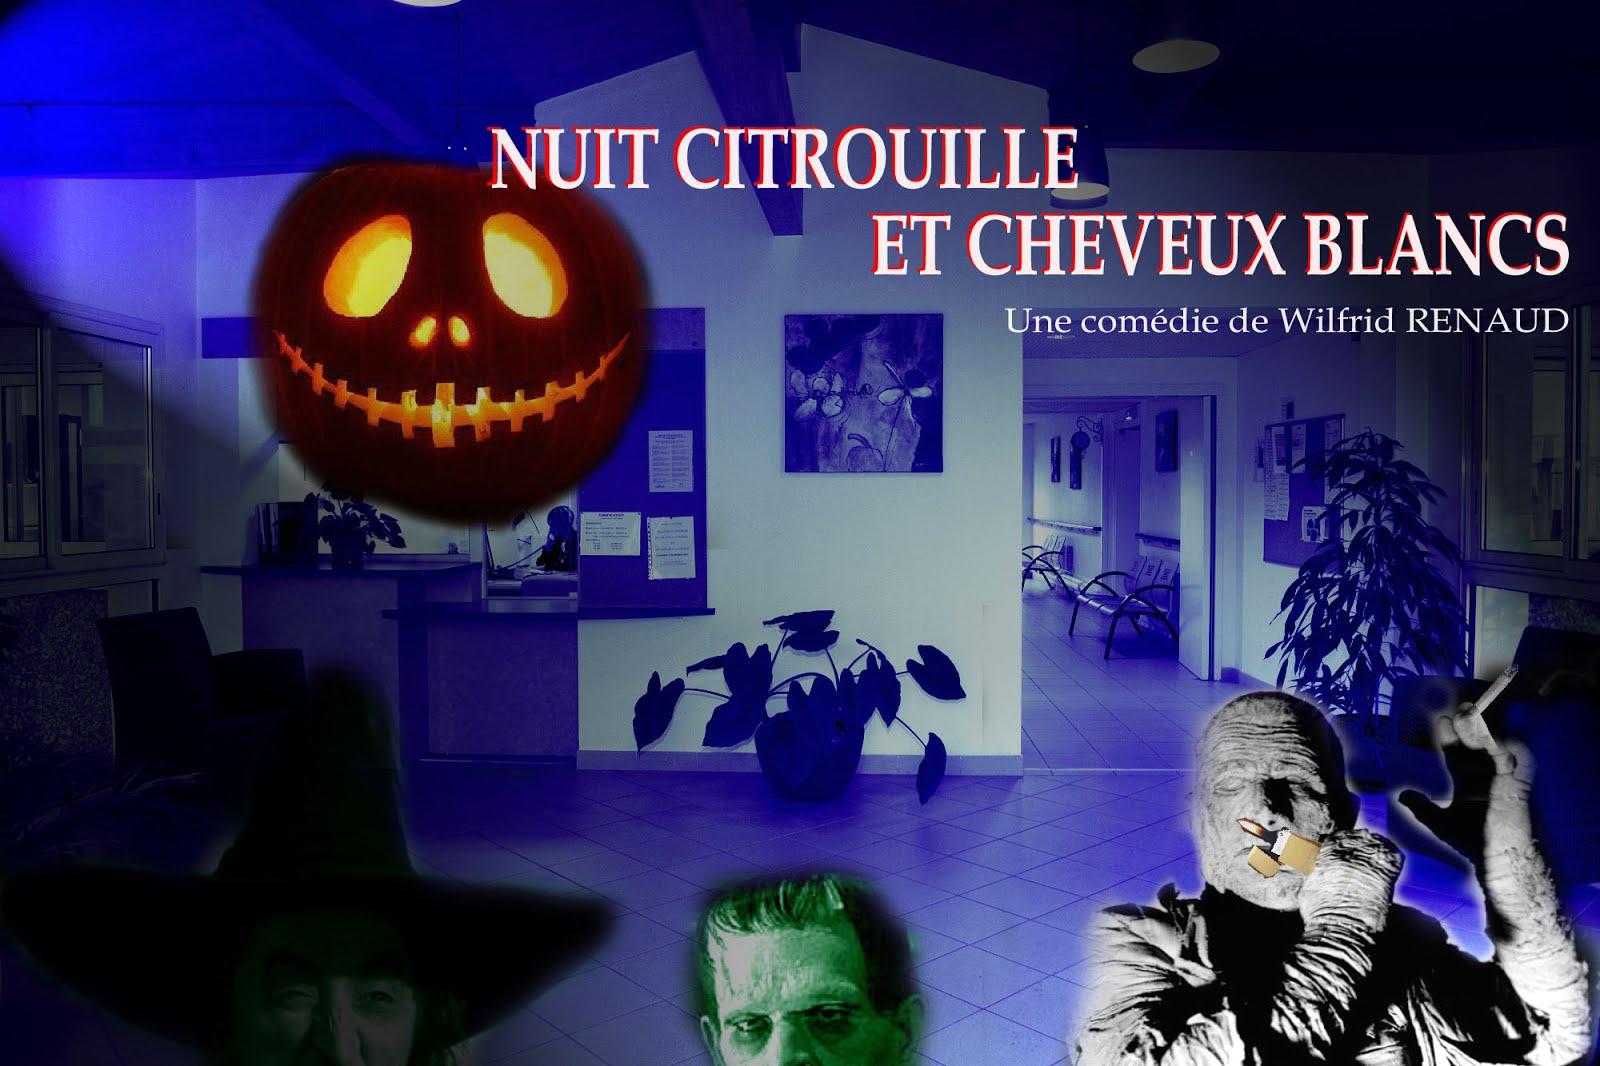 NUIT CITROUILLE & CHEVEUX BLANCS